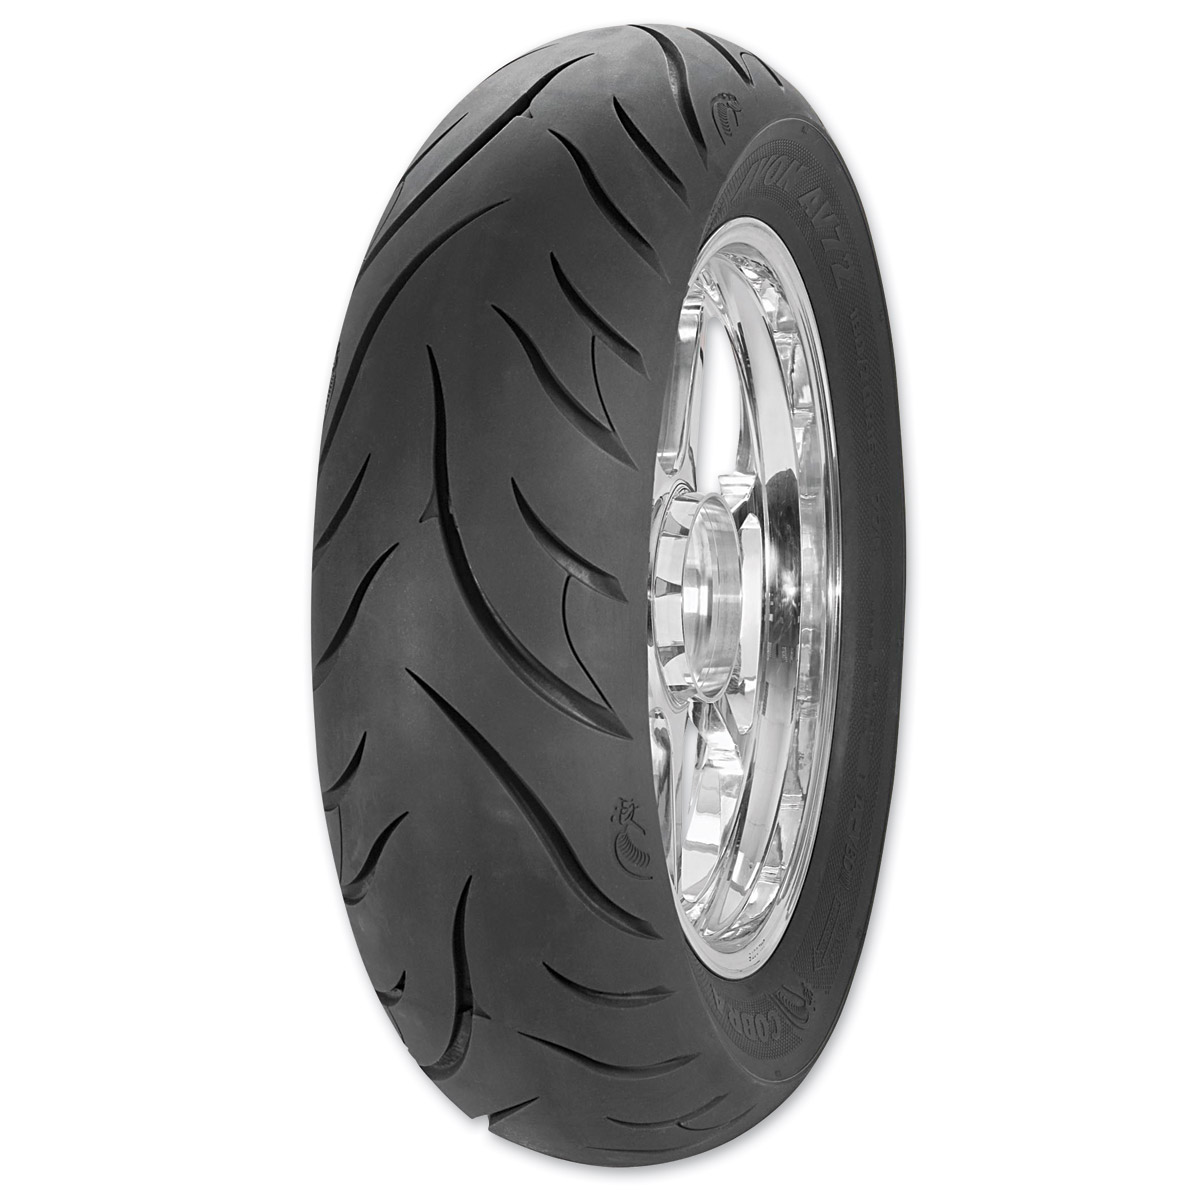 Motorcycle Rear Tire >> Avon Av72 Cobra 300 35r18 Rear Tire 90000001159 Jpcycles Com